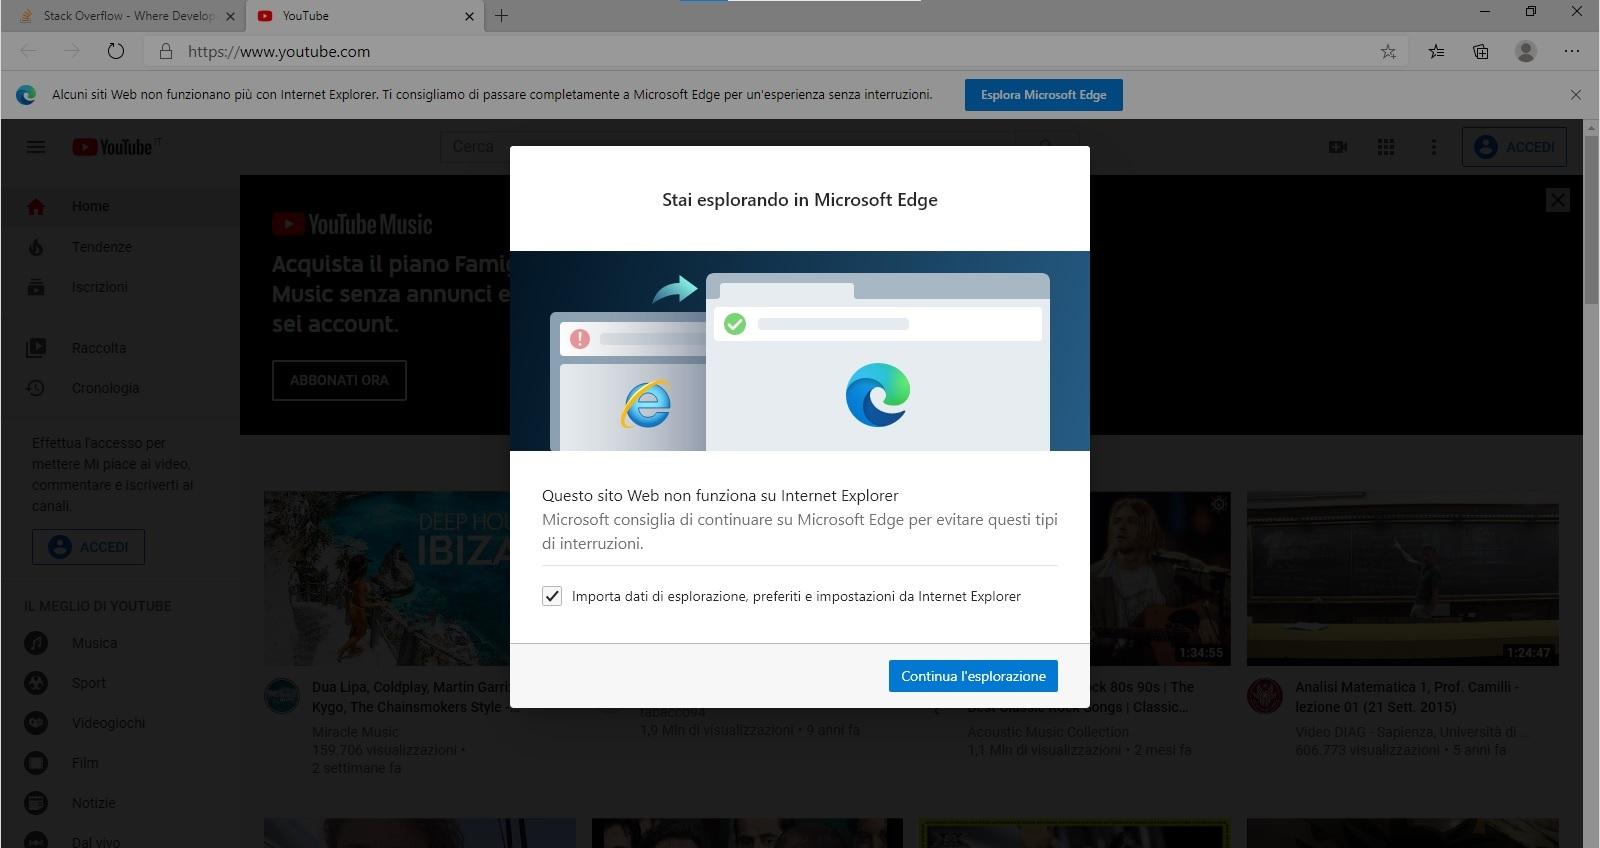 Internet Explorer spingerà gli utenti a utilizzare Microsoft Edge 2